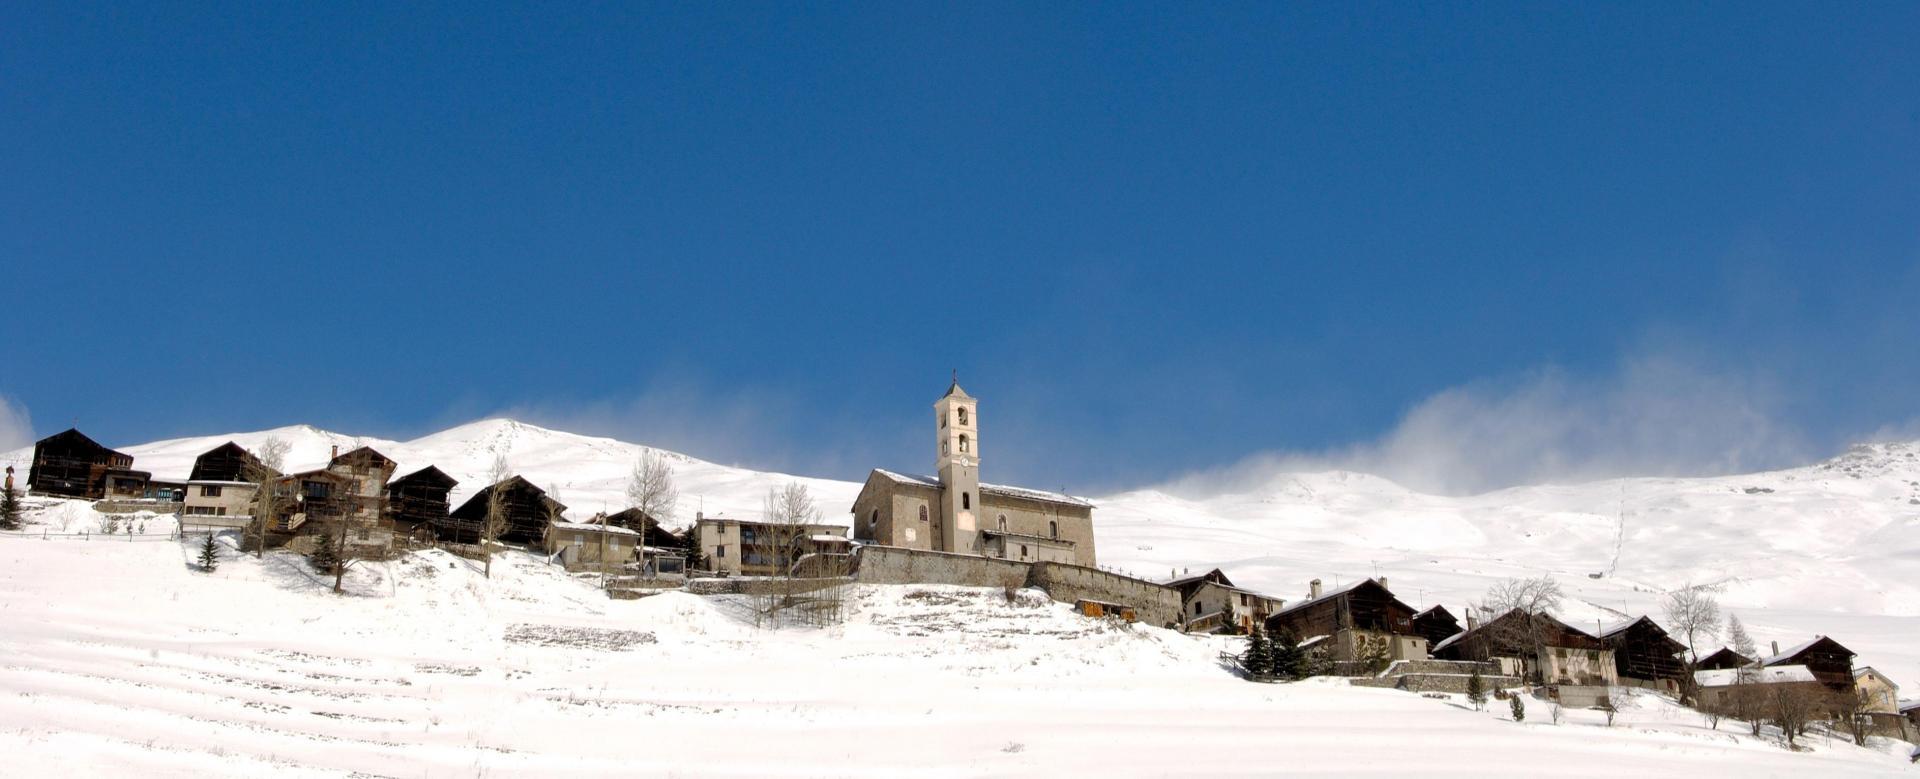 Voyage à la neige : Le tour du queyras en hiver